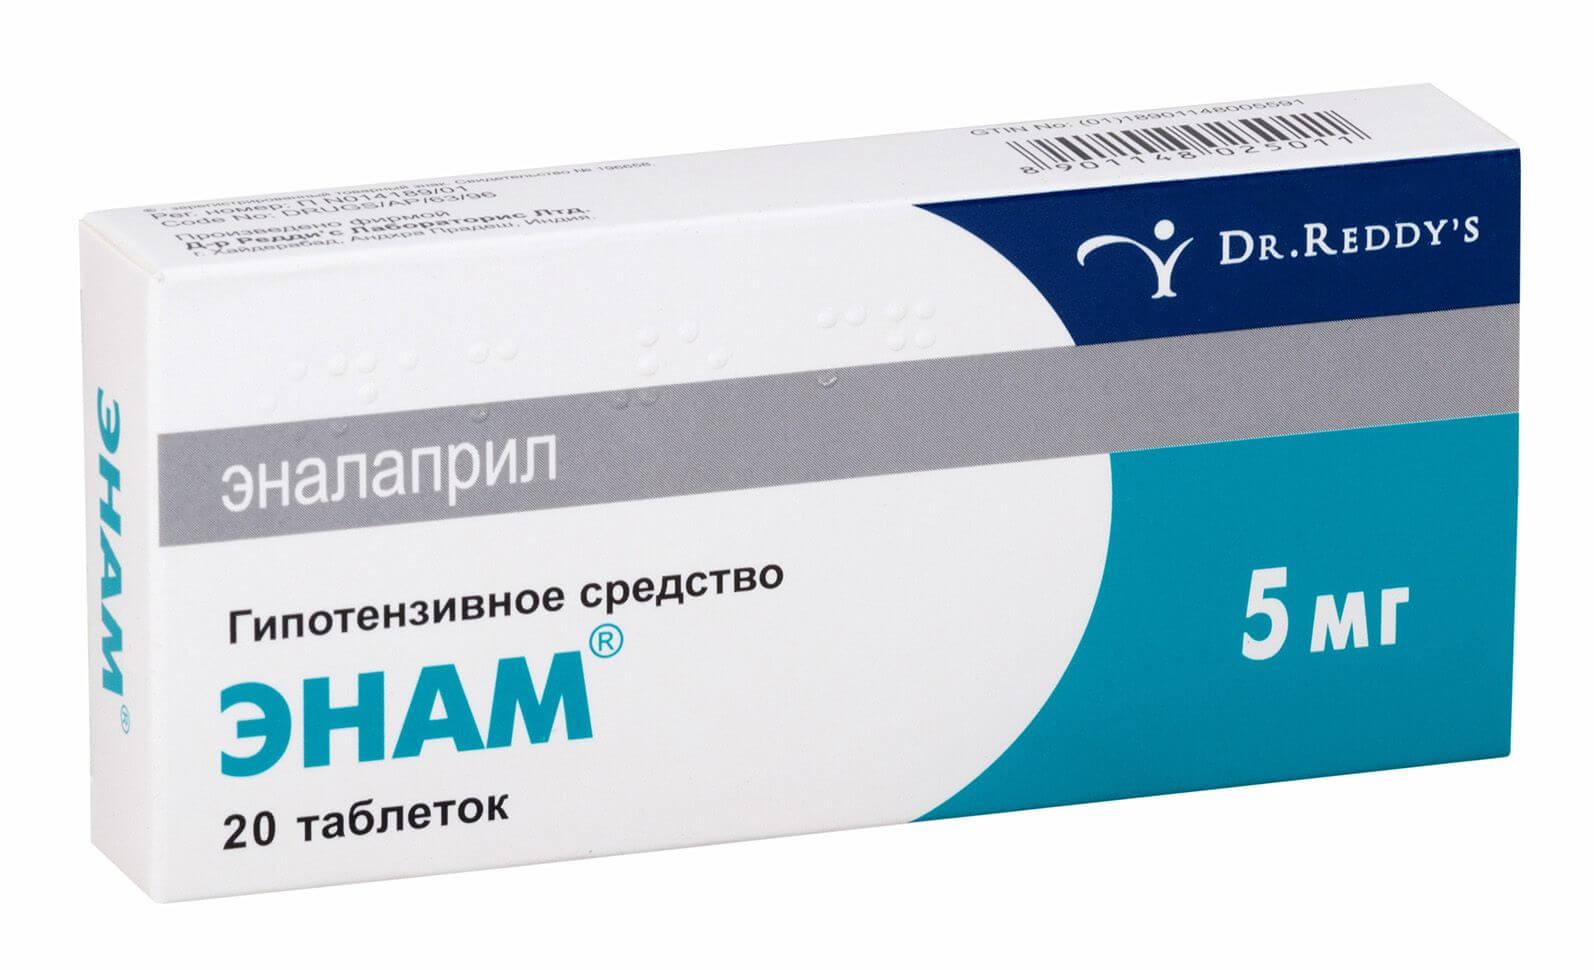 Энам: инструкция по применению таблеток